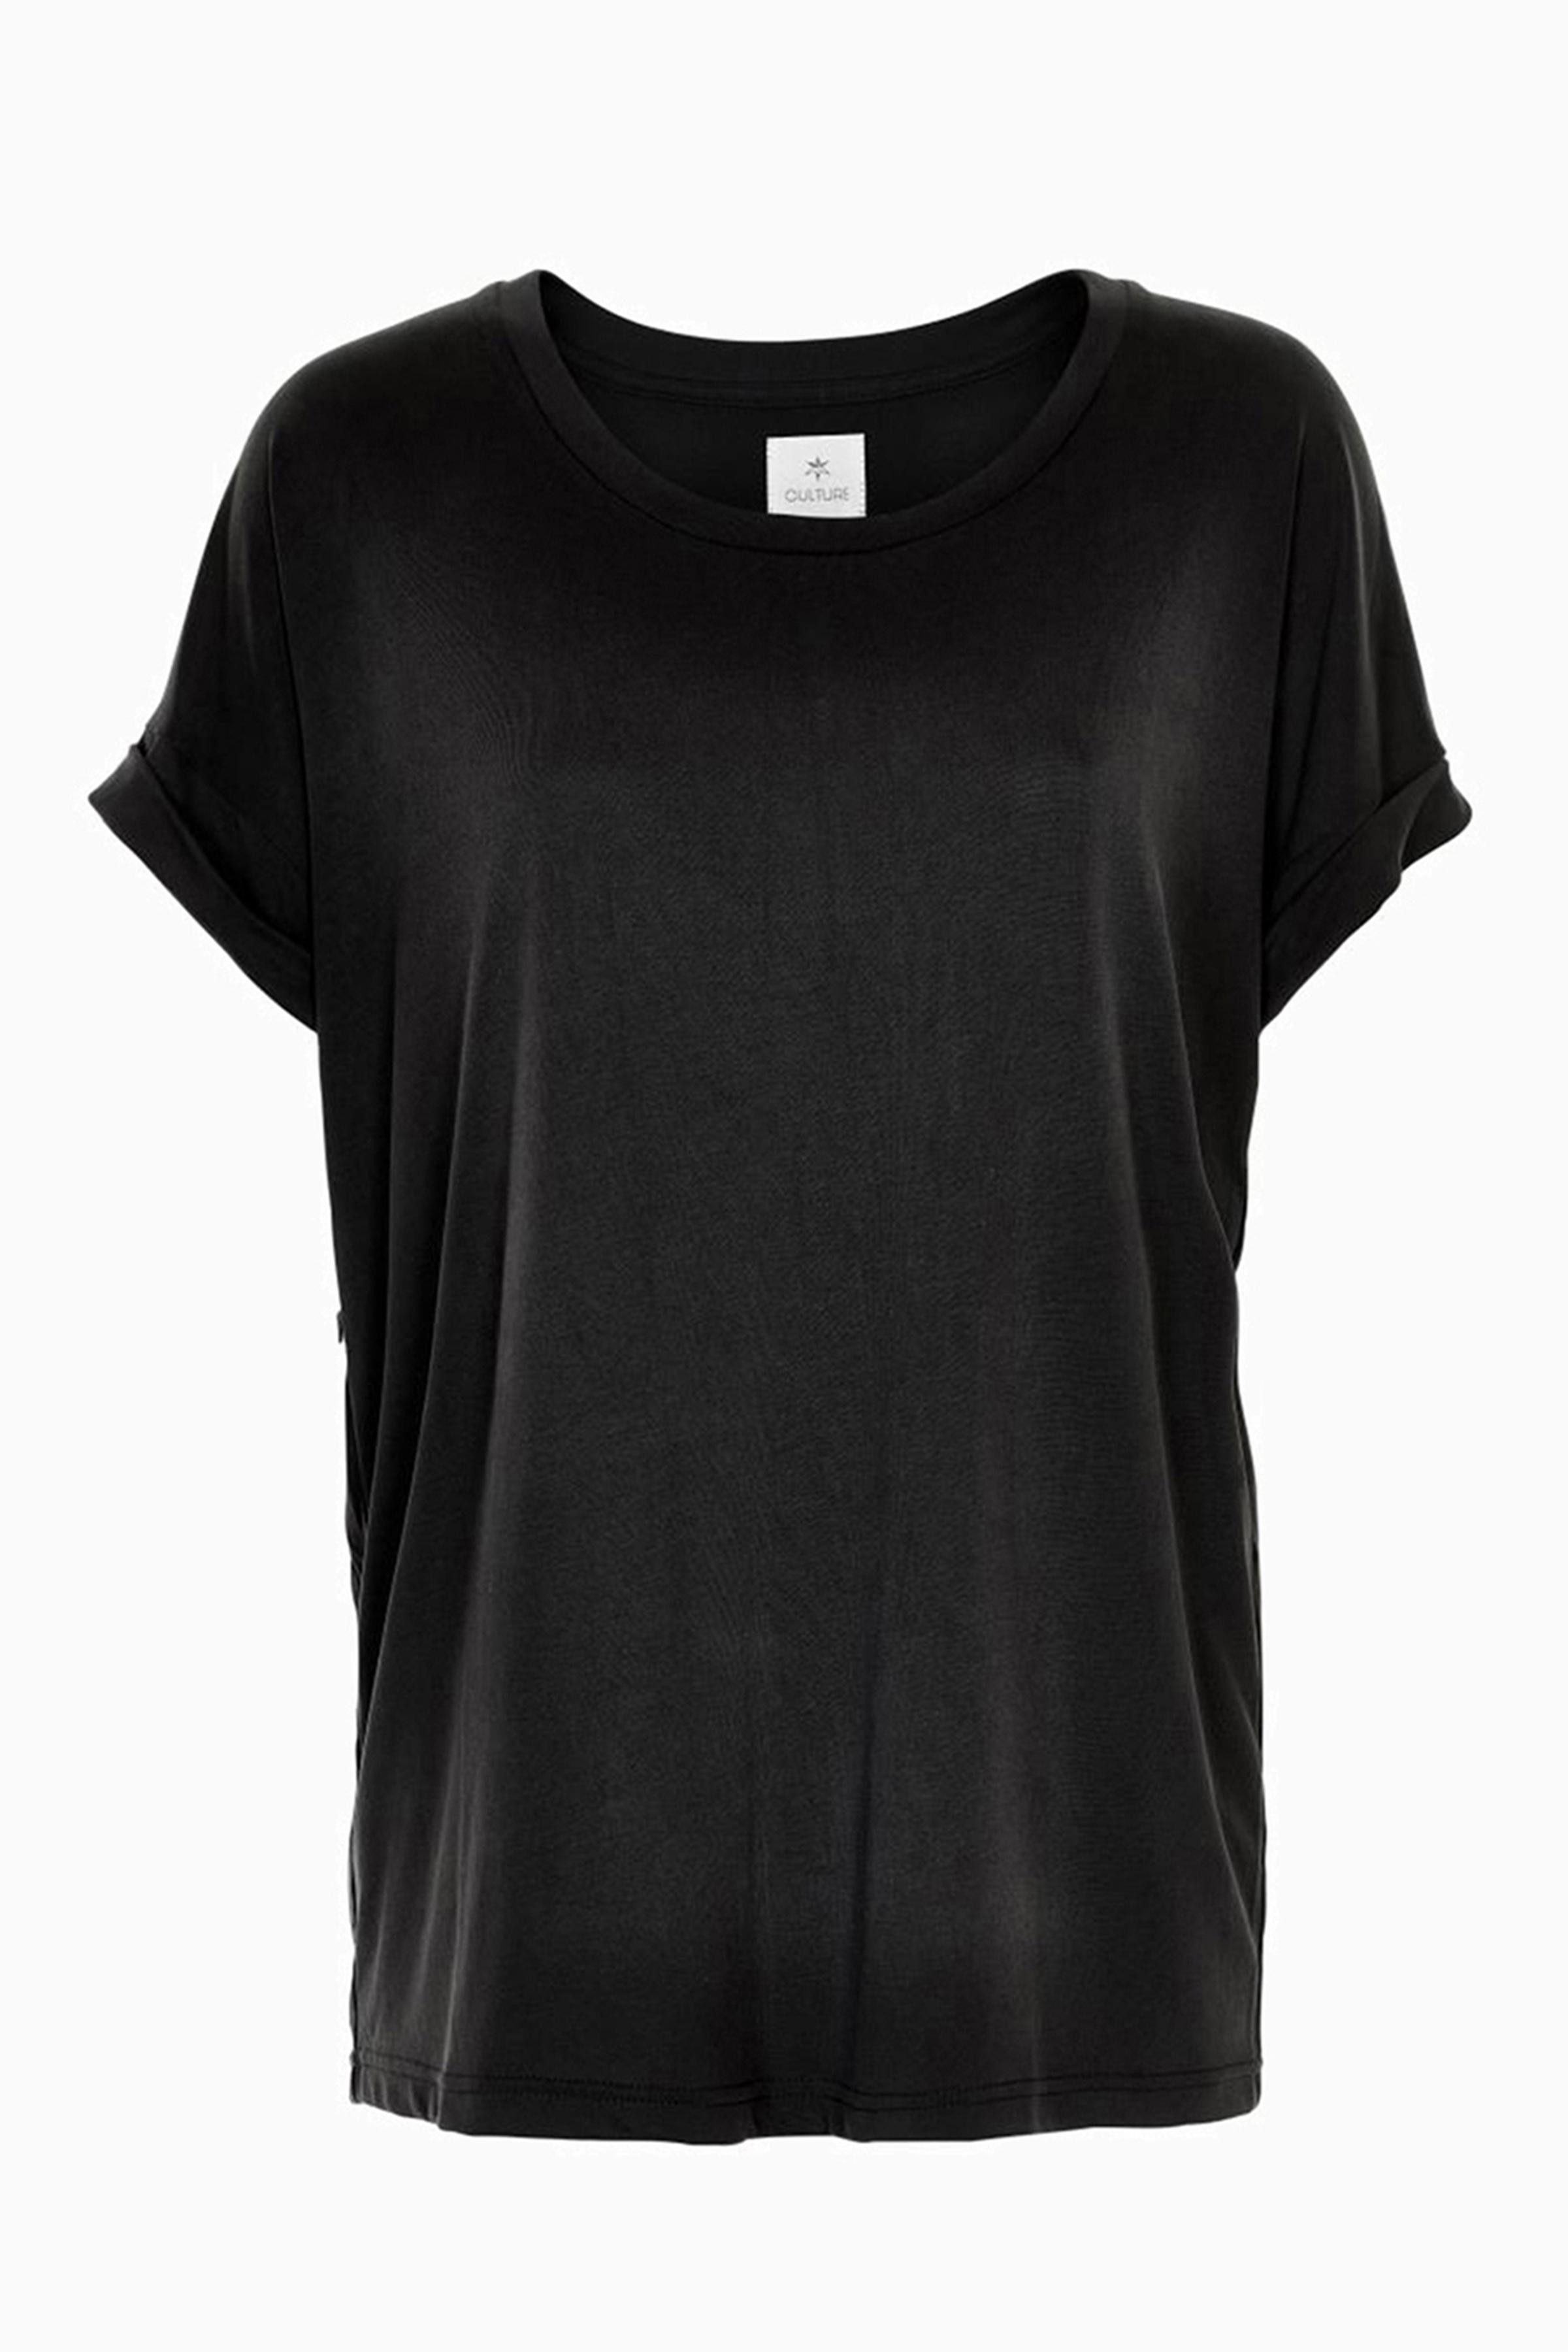 Svart Kortärmad T-shirt från Culture – Köp Svart Kortärmad T-shirt från stl. XS-XXL här